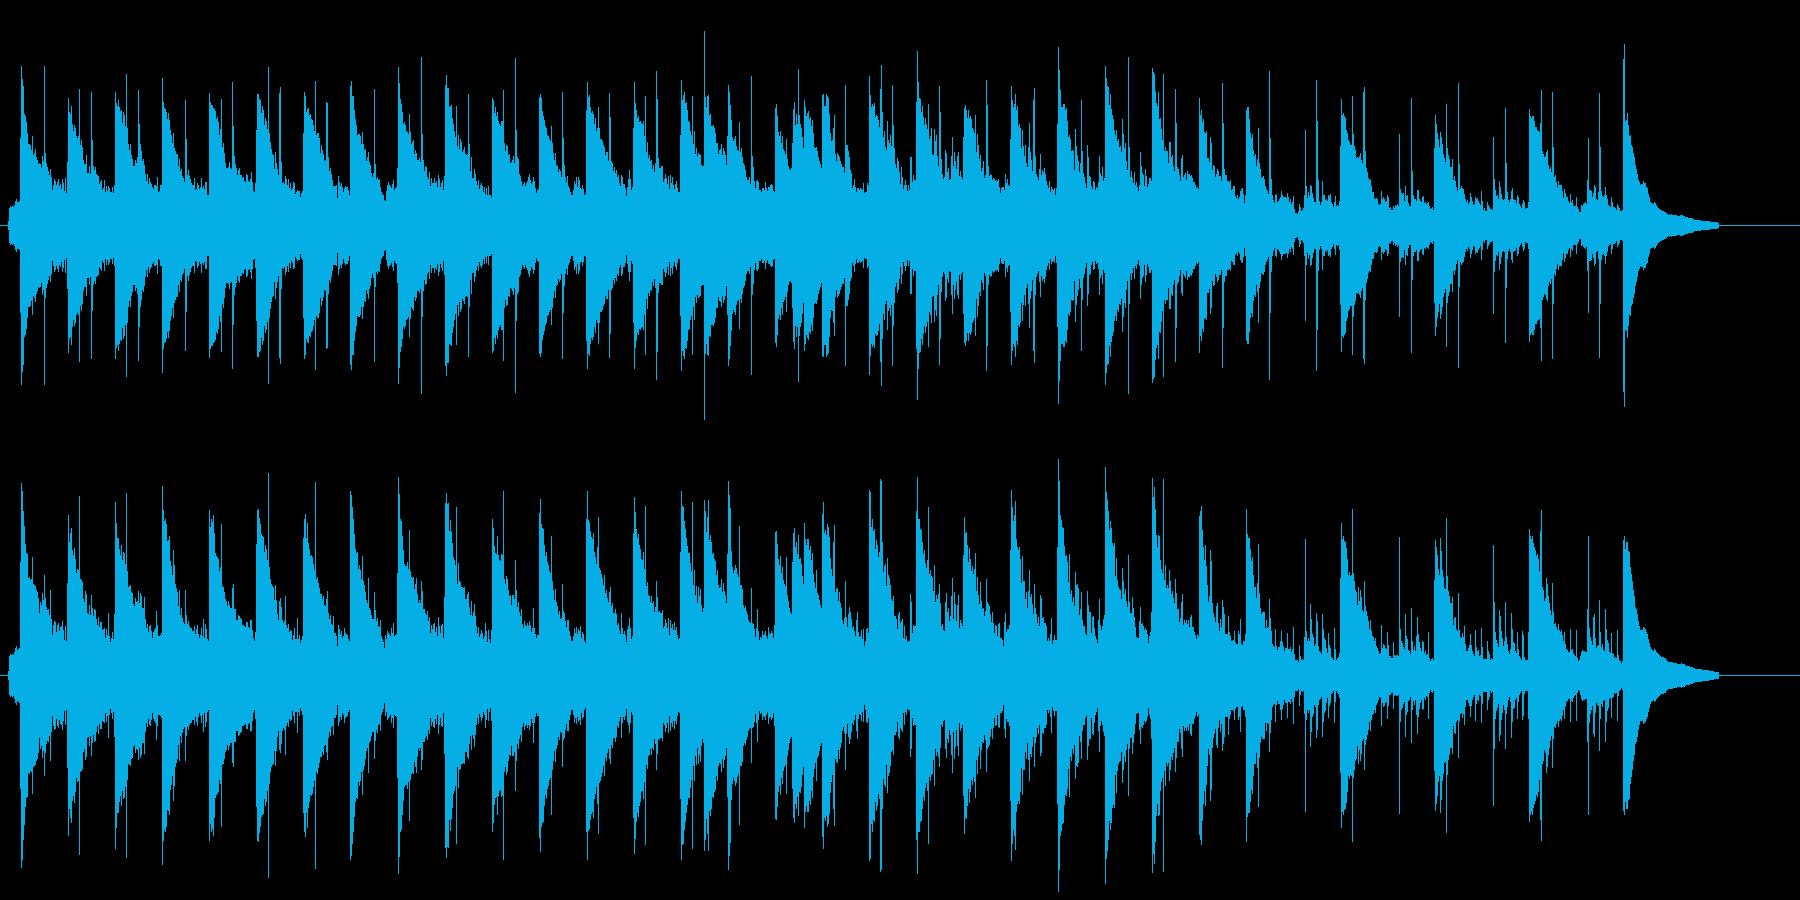 心が少し熱っぽくなるラヴソング風の再生済みの波形